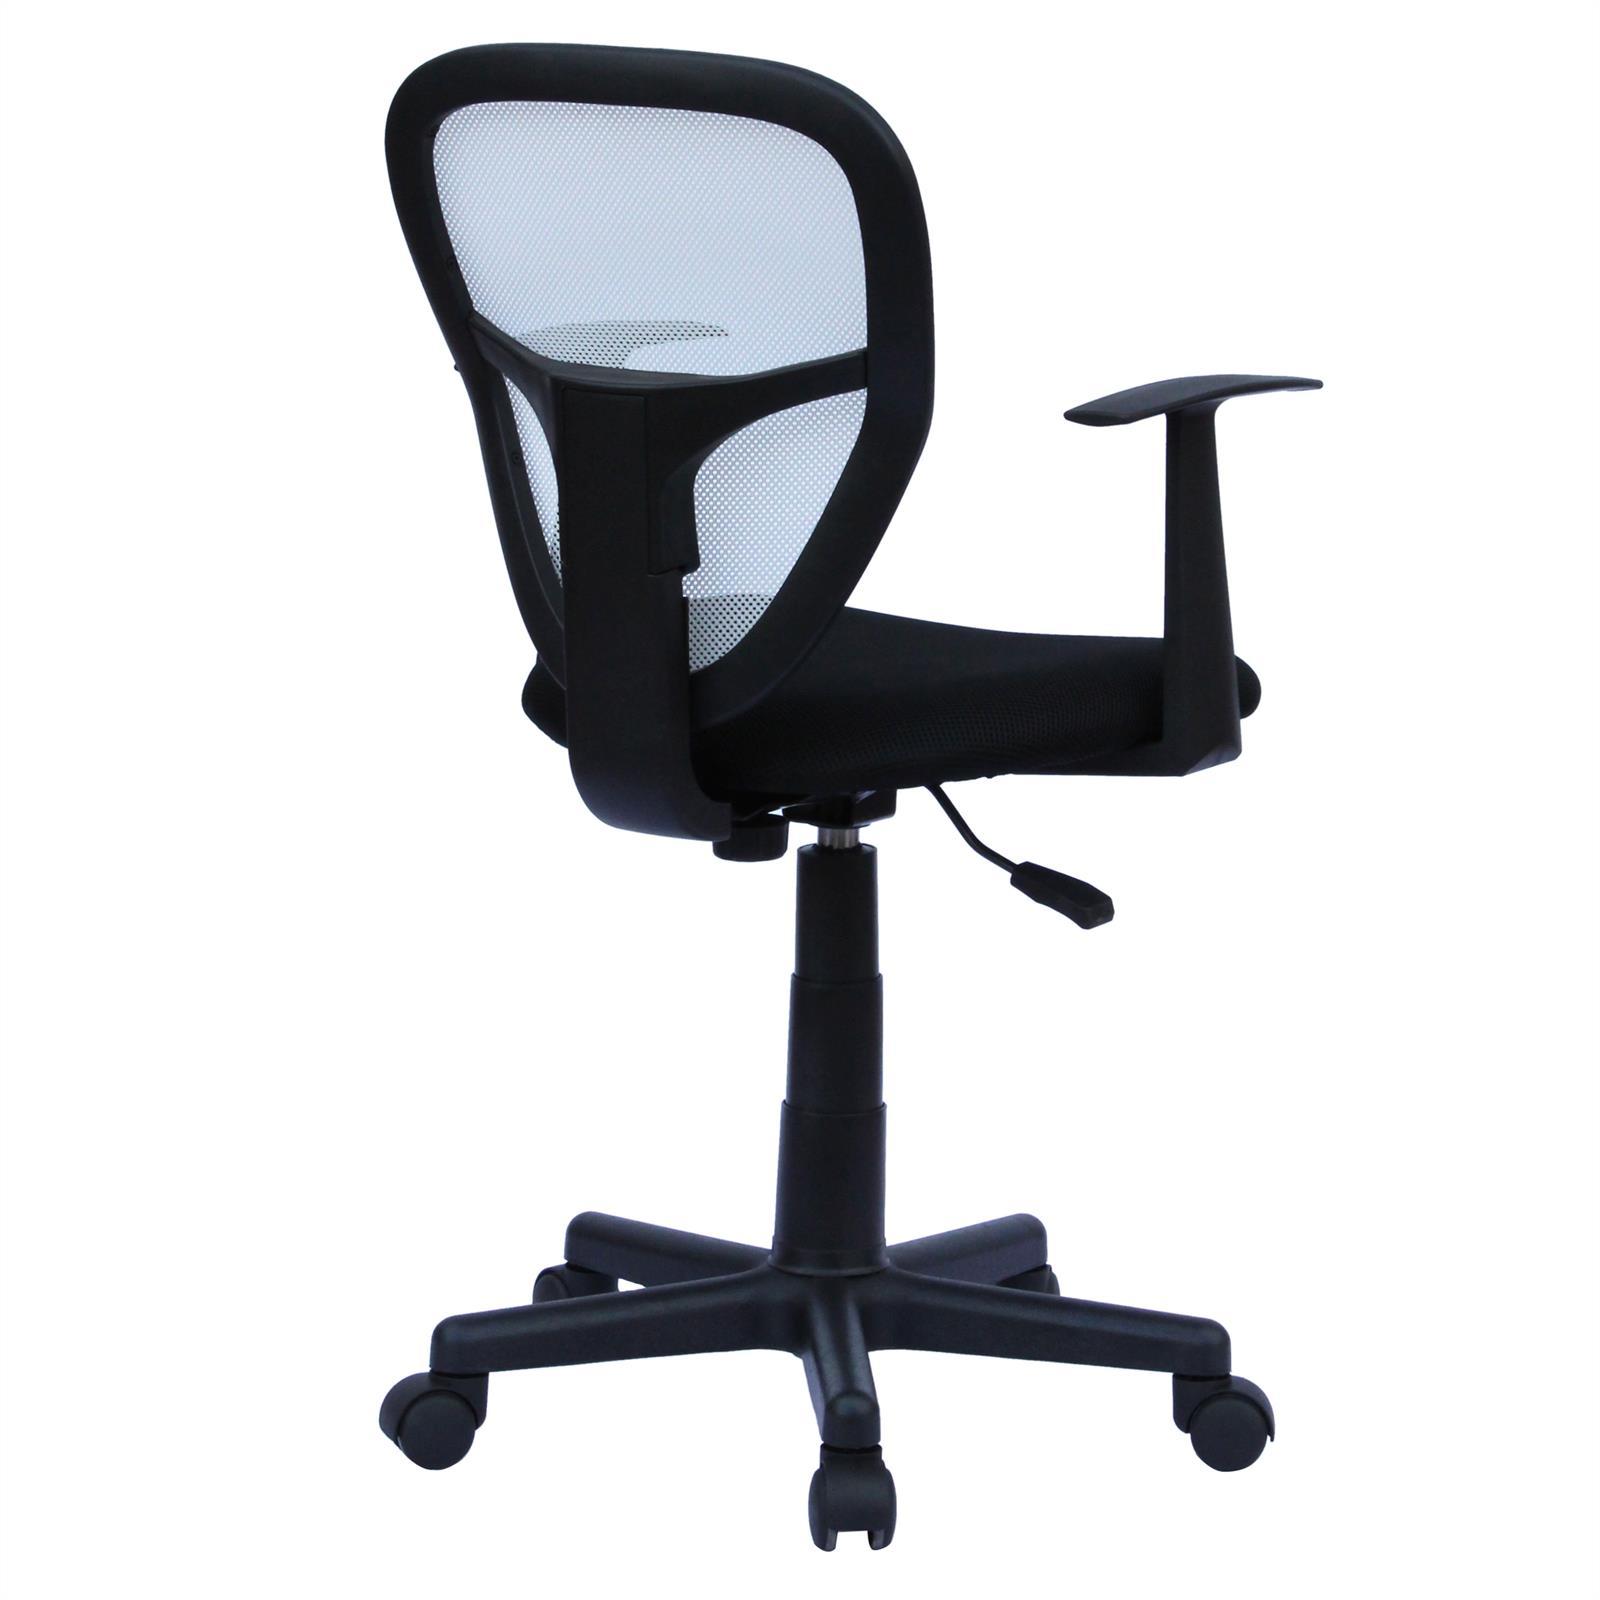 chaise de bureau pour enfant studio noir et blanc. Black Bedroom Furniture Sets. Home Design Ideas